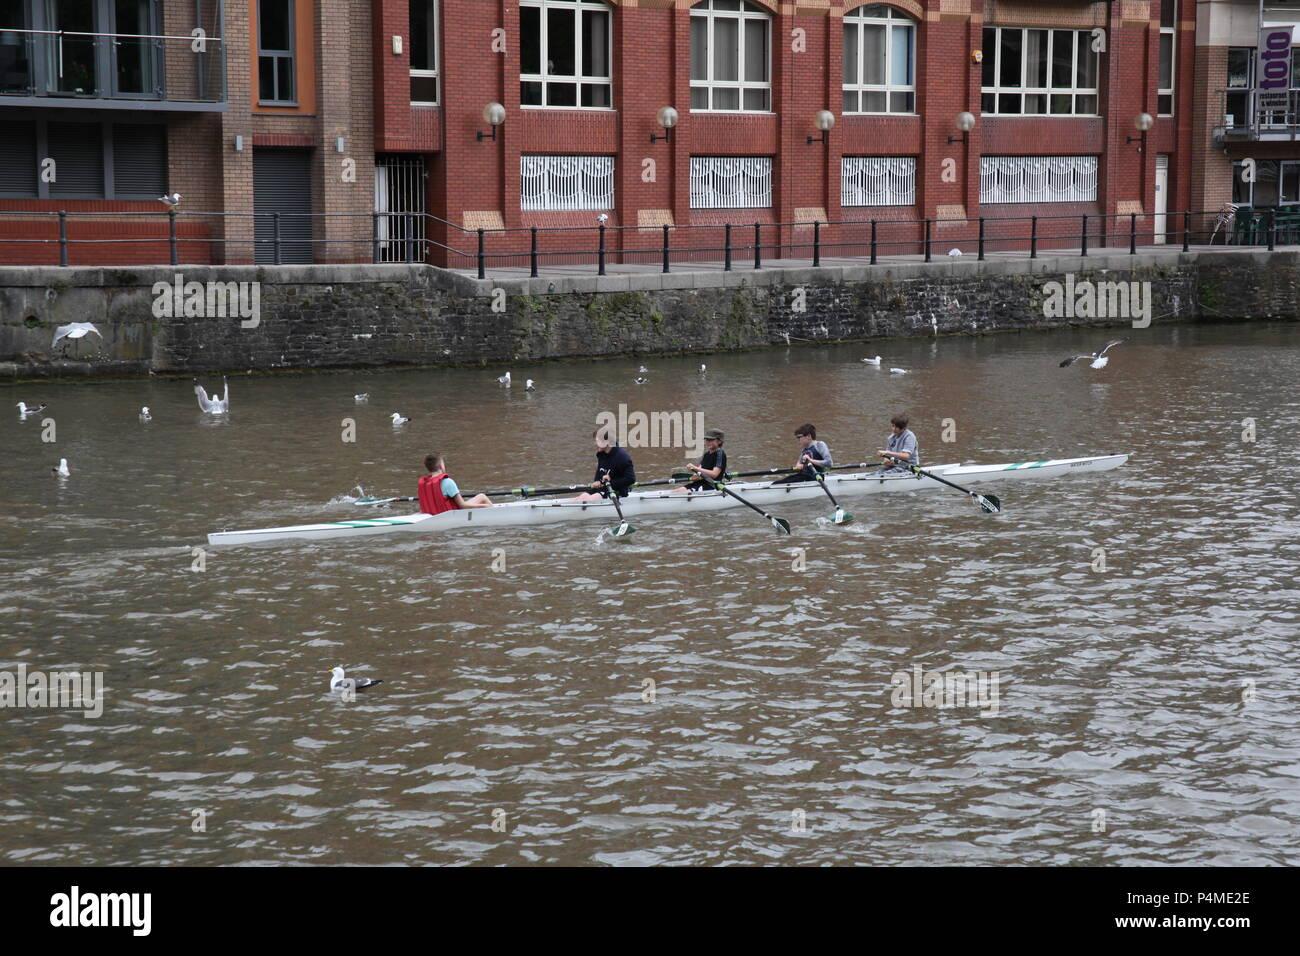 Les enfants de l'aviron sur la rivière Avon, Bristol, Angleterre. Photo Stock